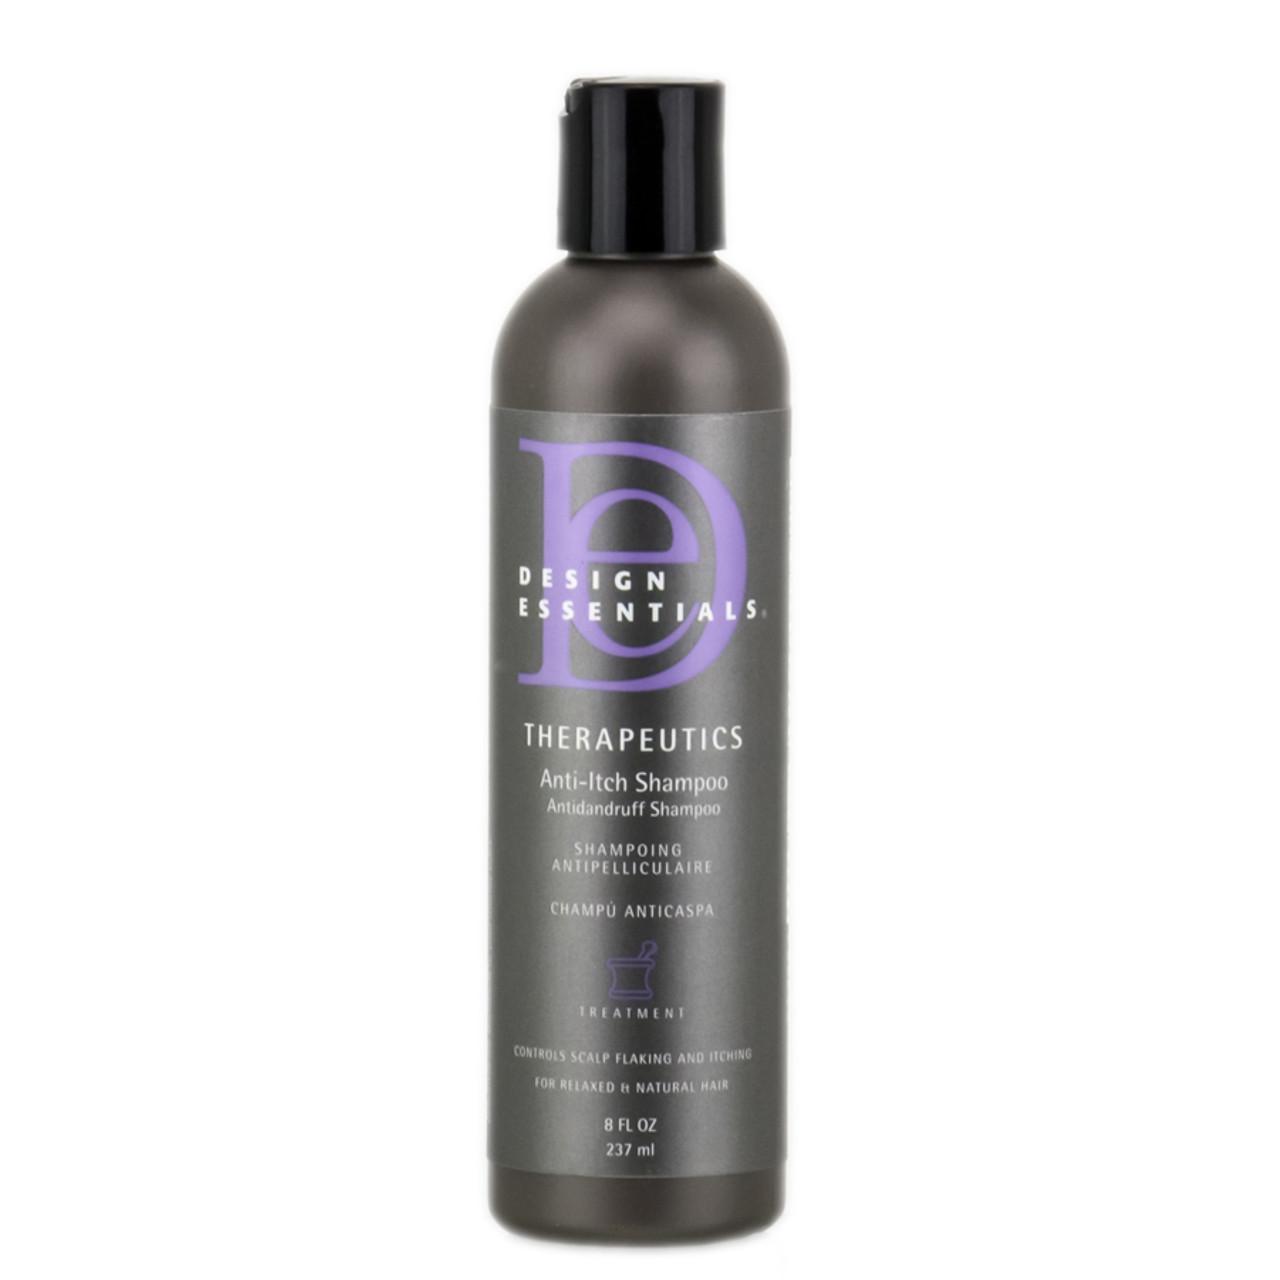 Home Designer Essentials: Design Essentials Therapeutics Anti-Itch Shampoo (Anti